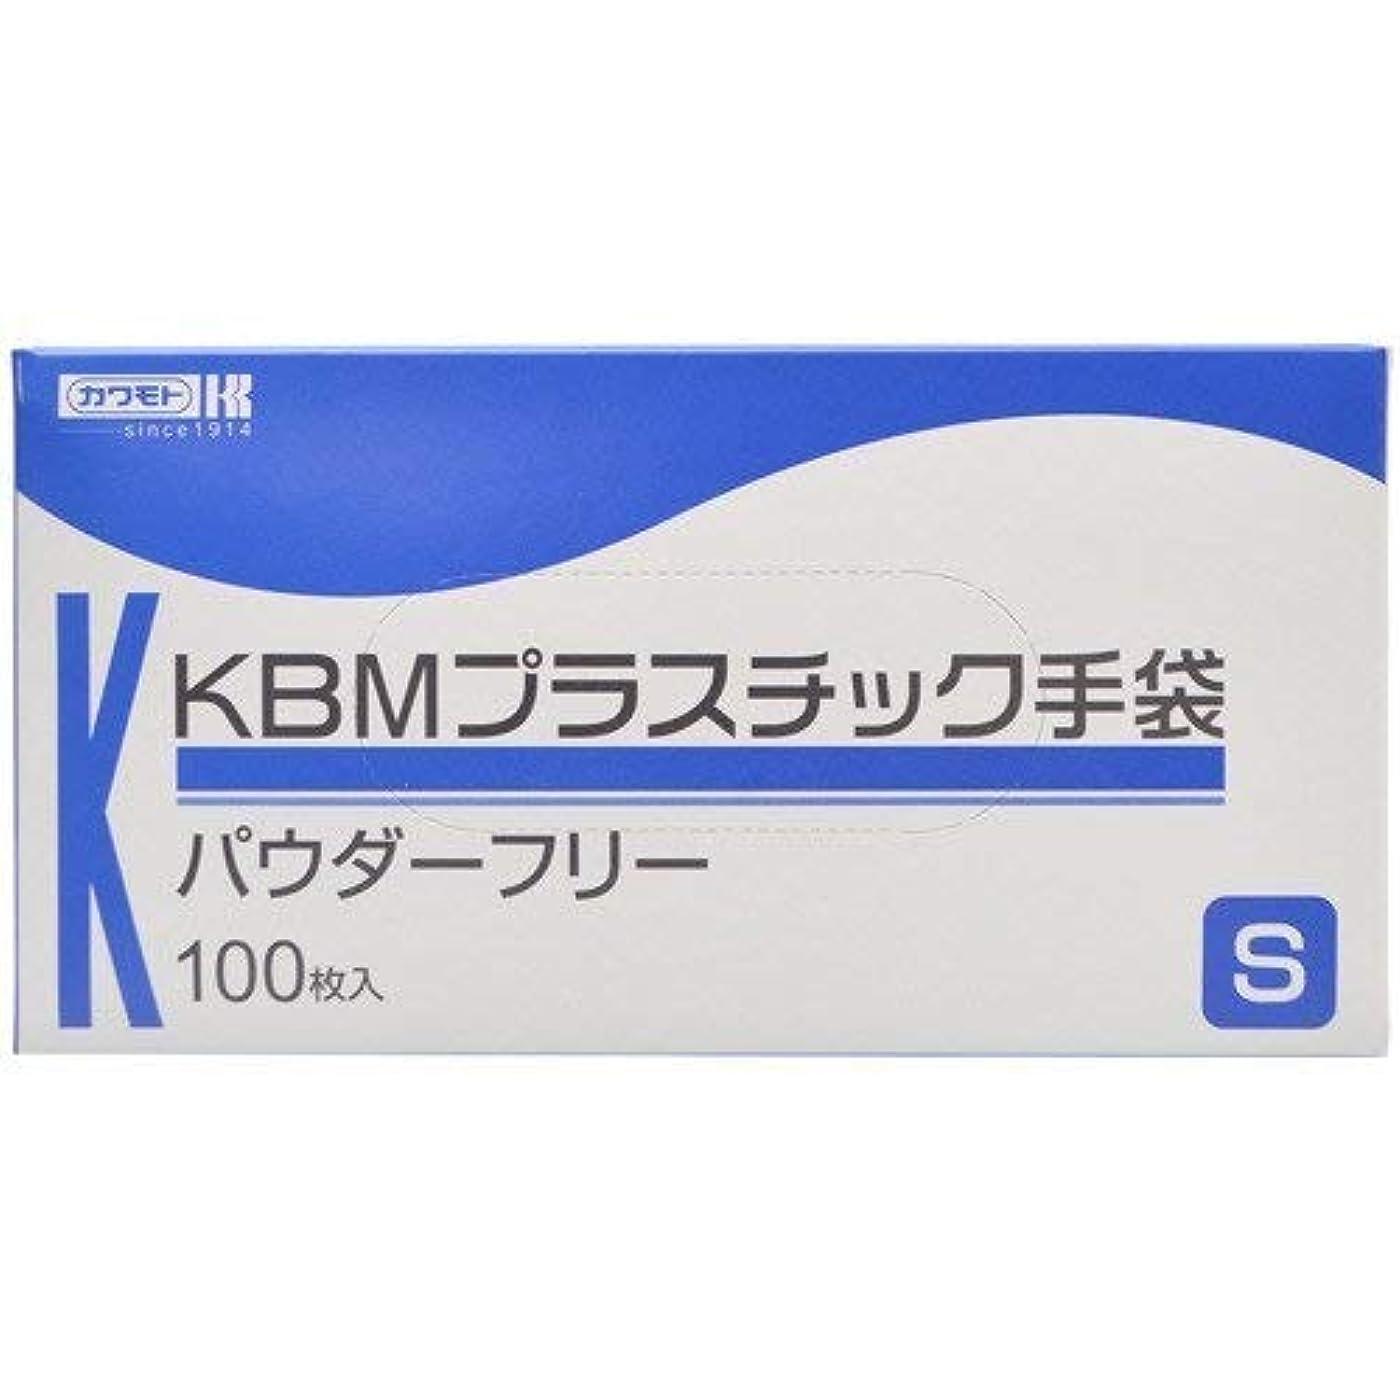 川本産業 KBMプラスチック手袋 パウダーフリー S 100枚入 ×2個